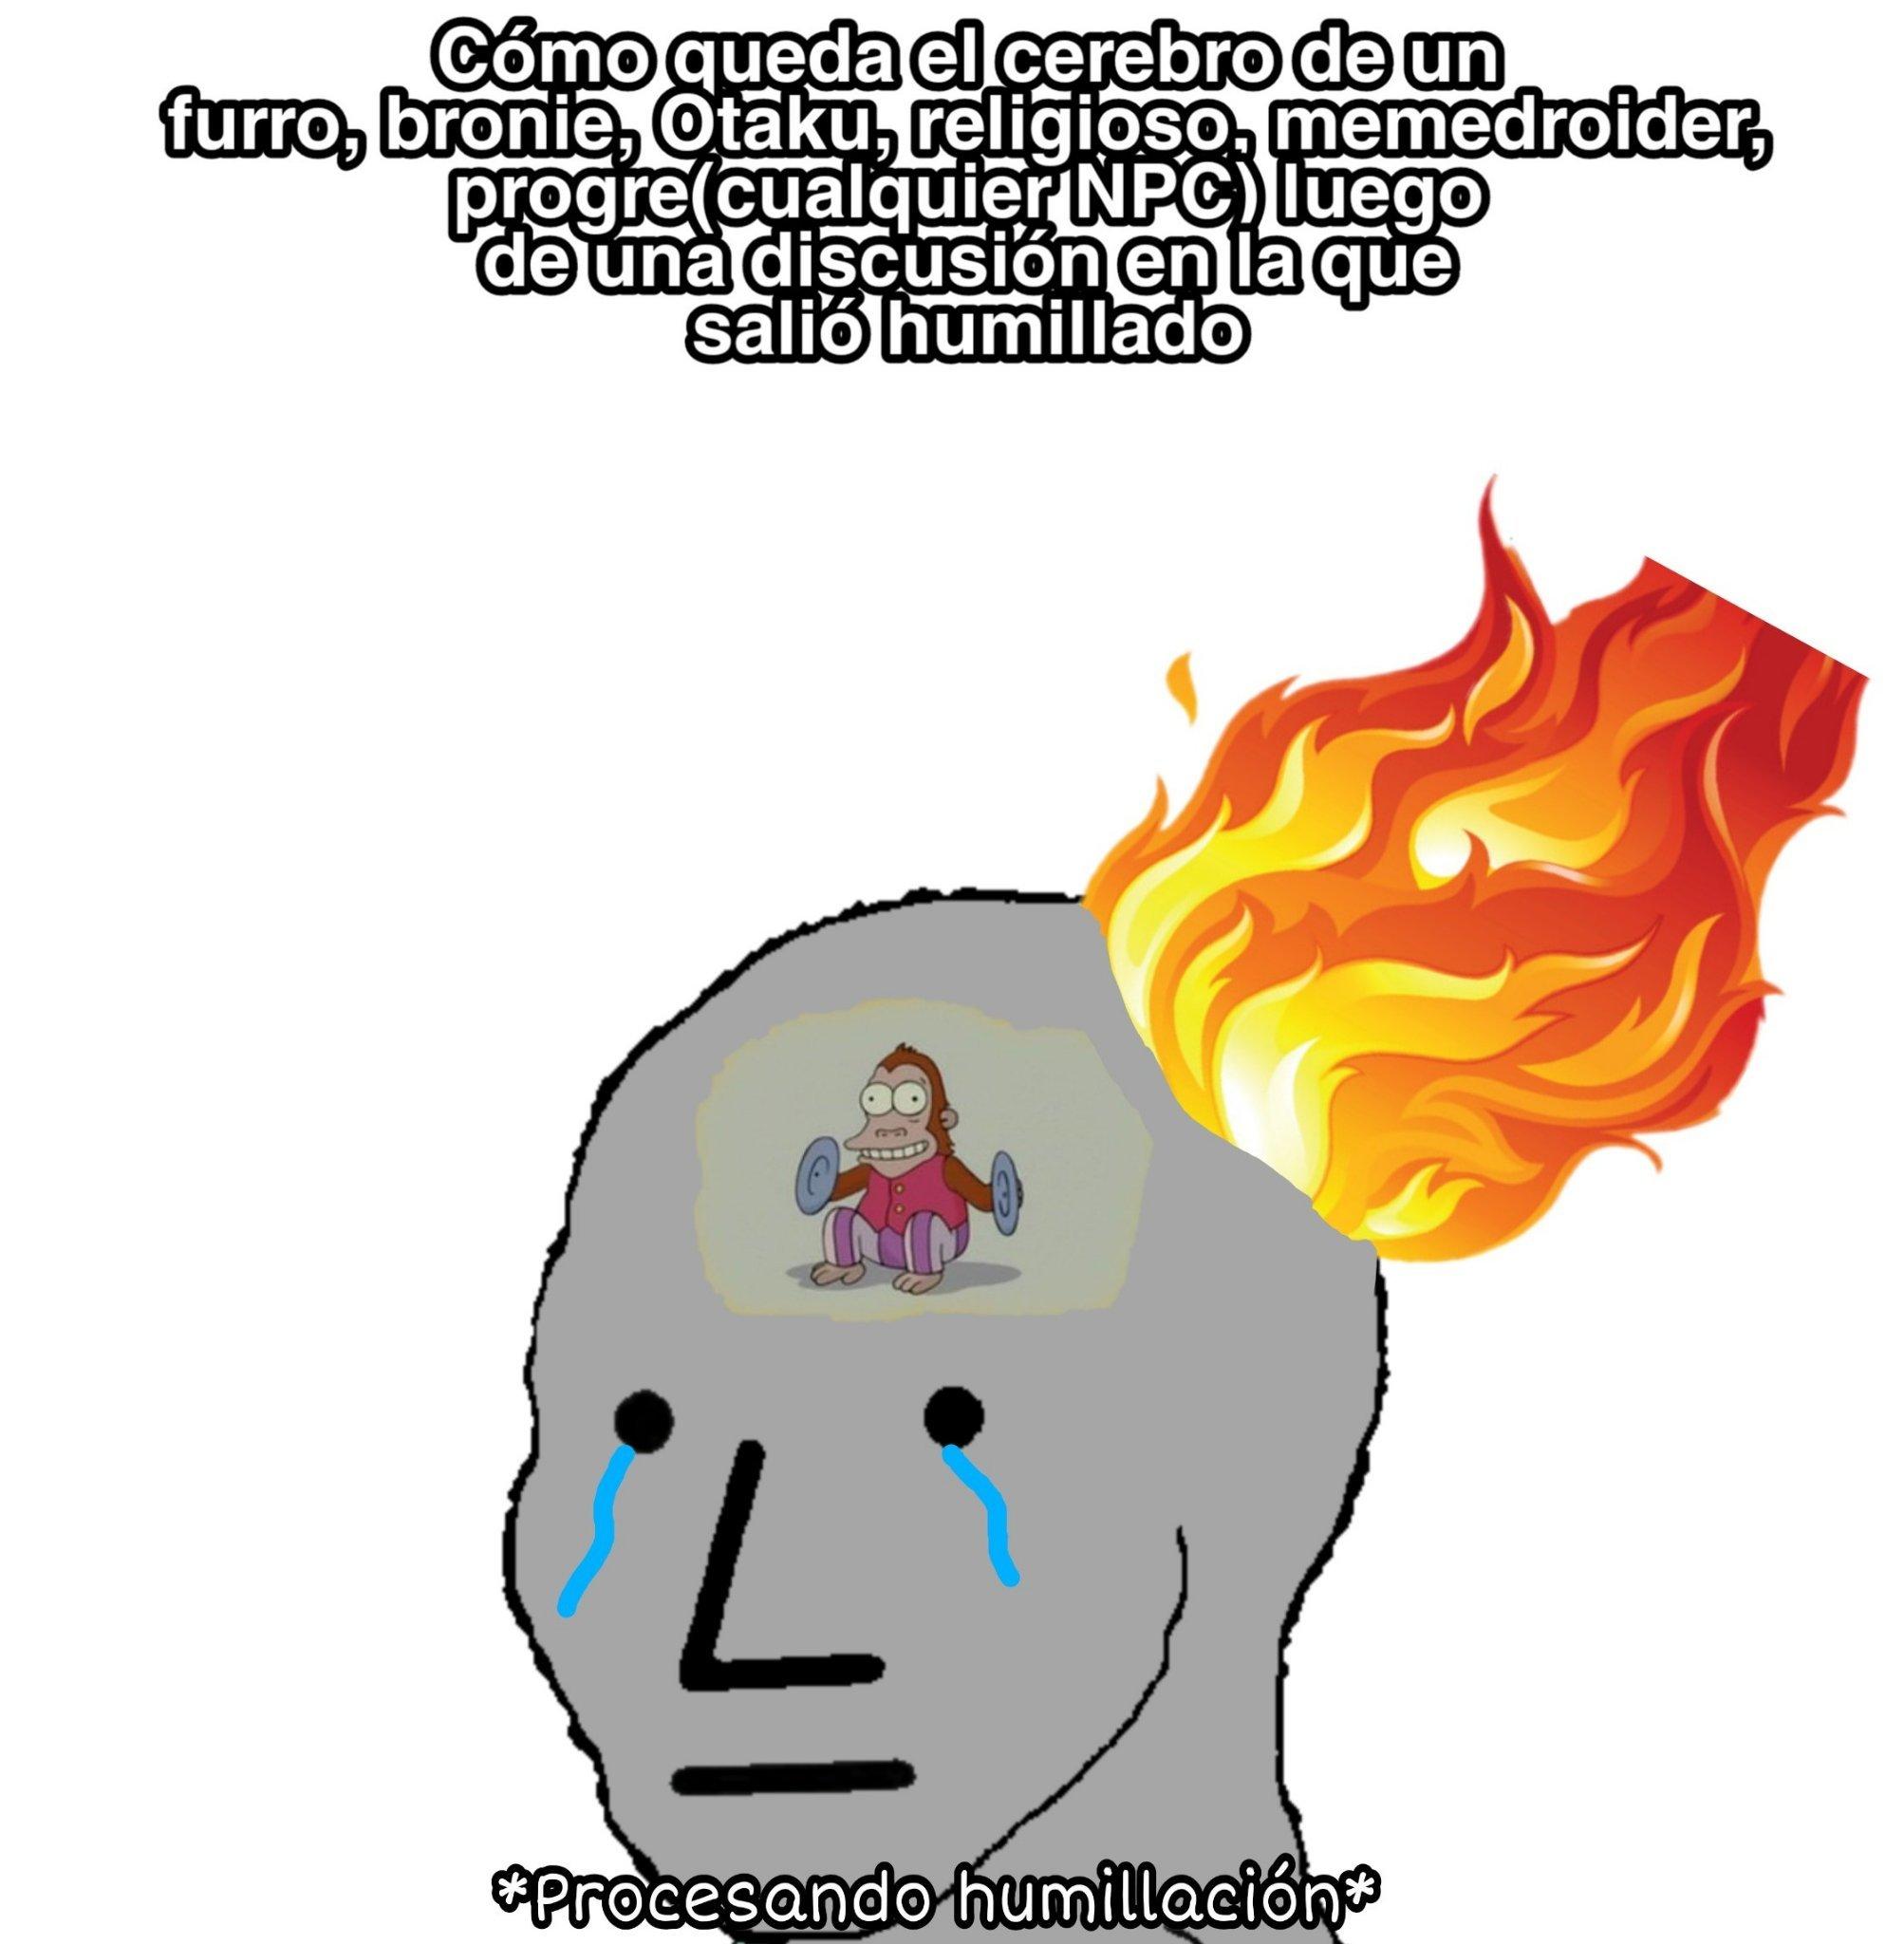 Umiyasion - meme